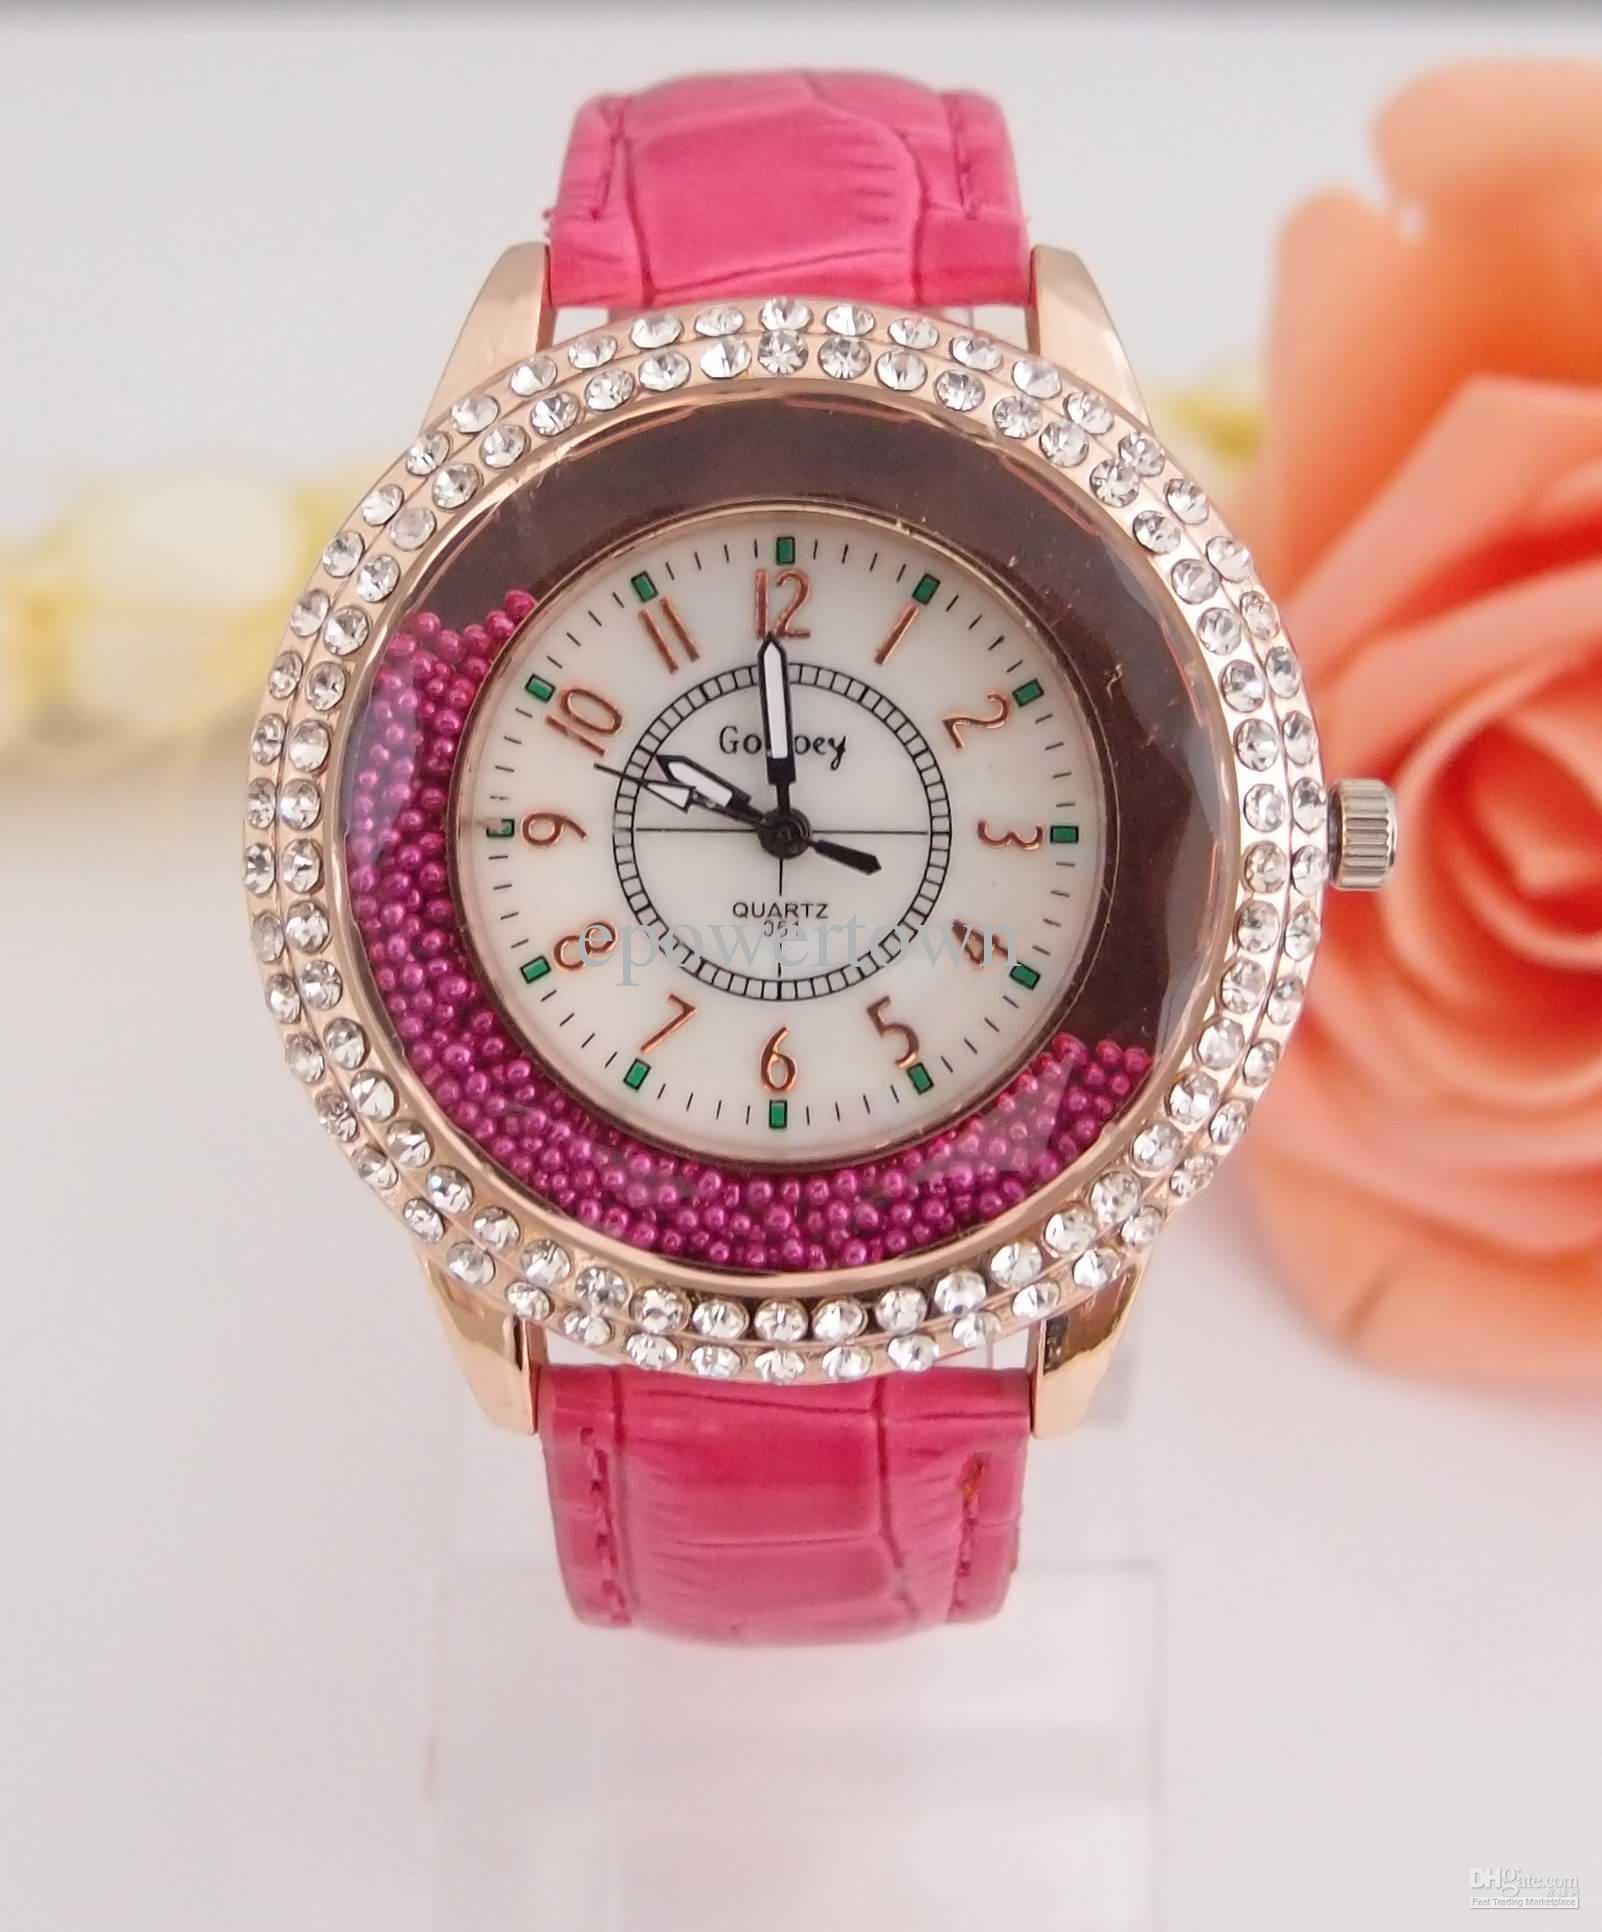 Недорогие часы со стразами женские купить